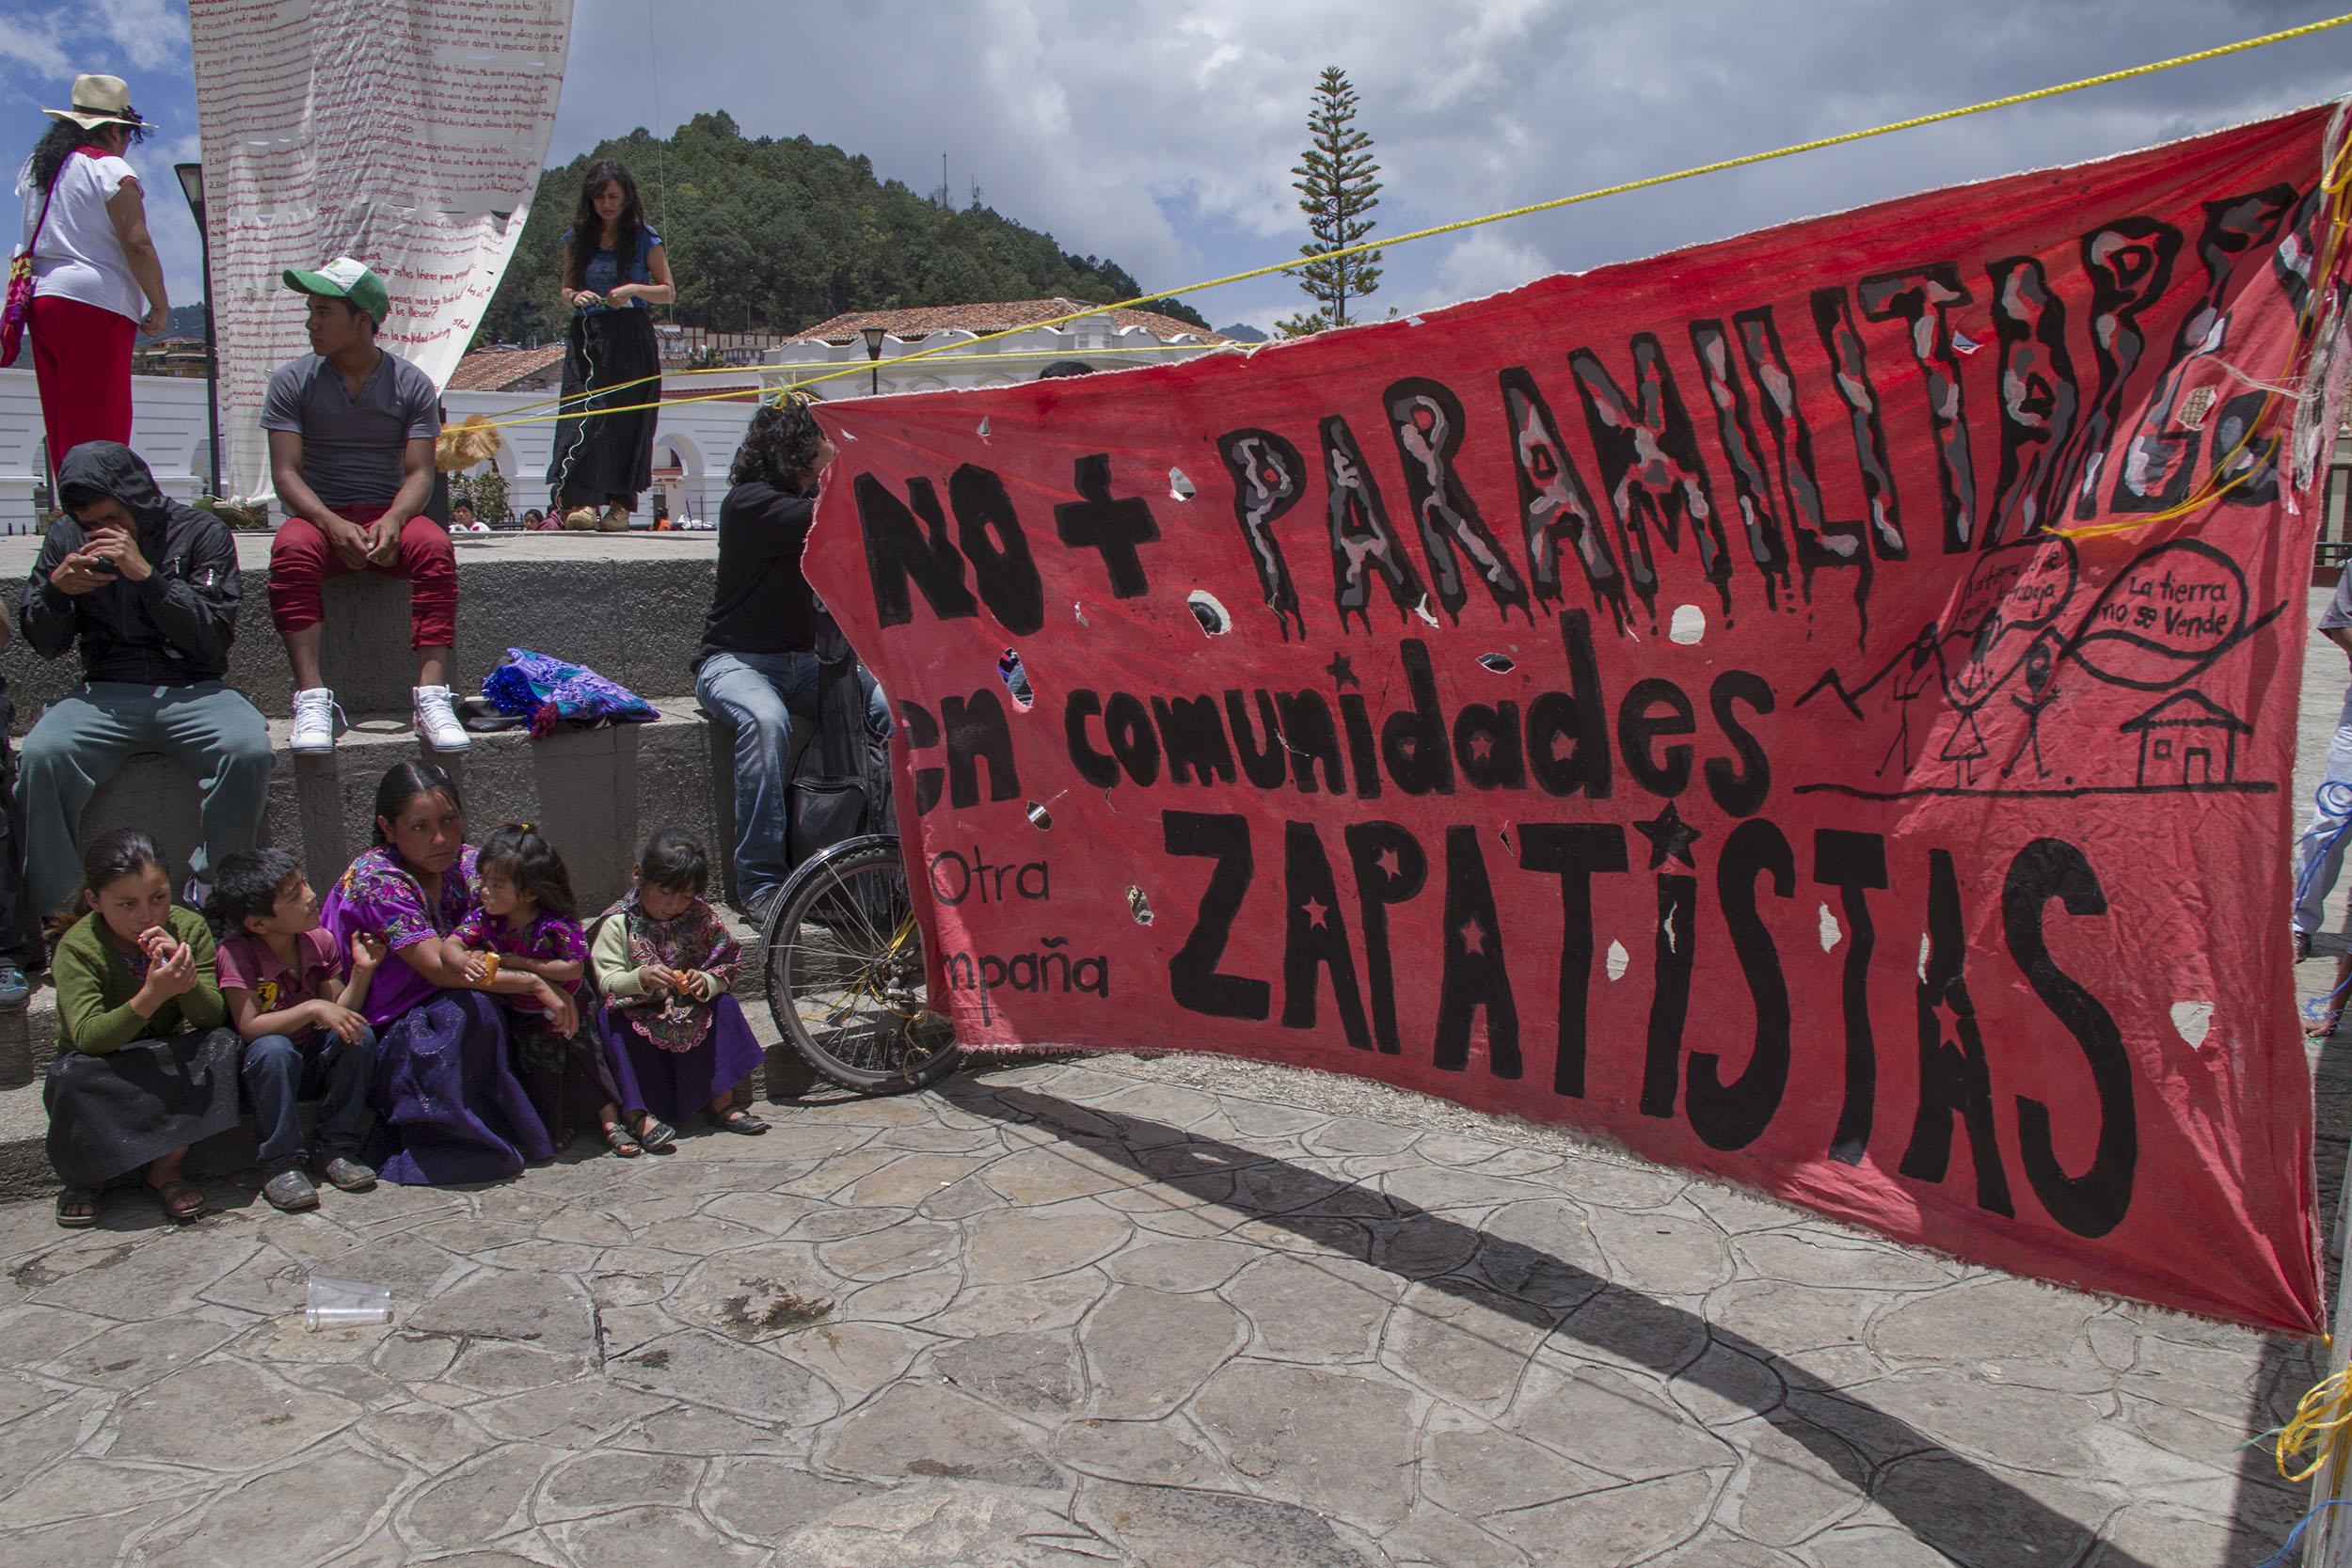 No-más-paramilitares-en-comunidades-zapatistas-1